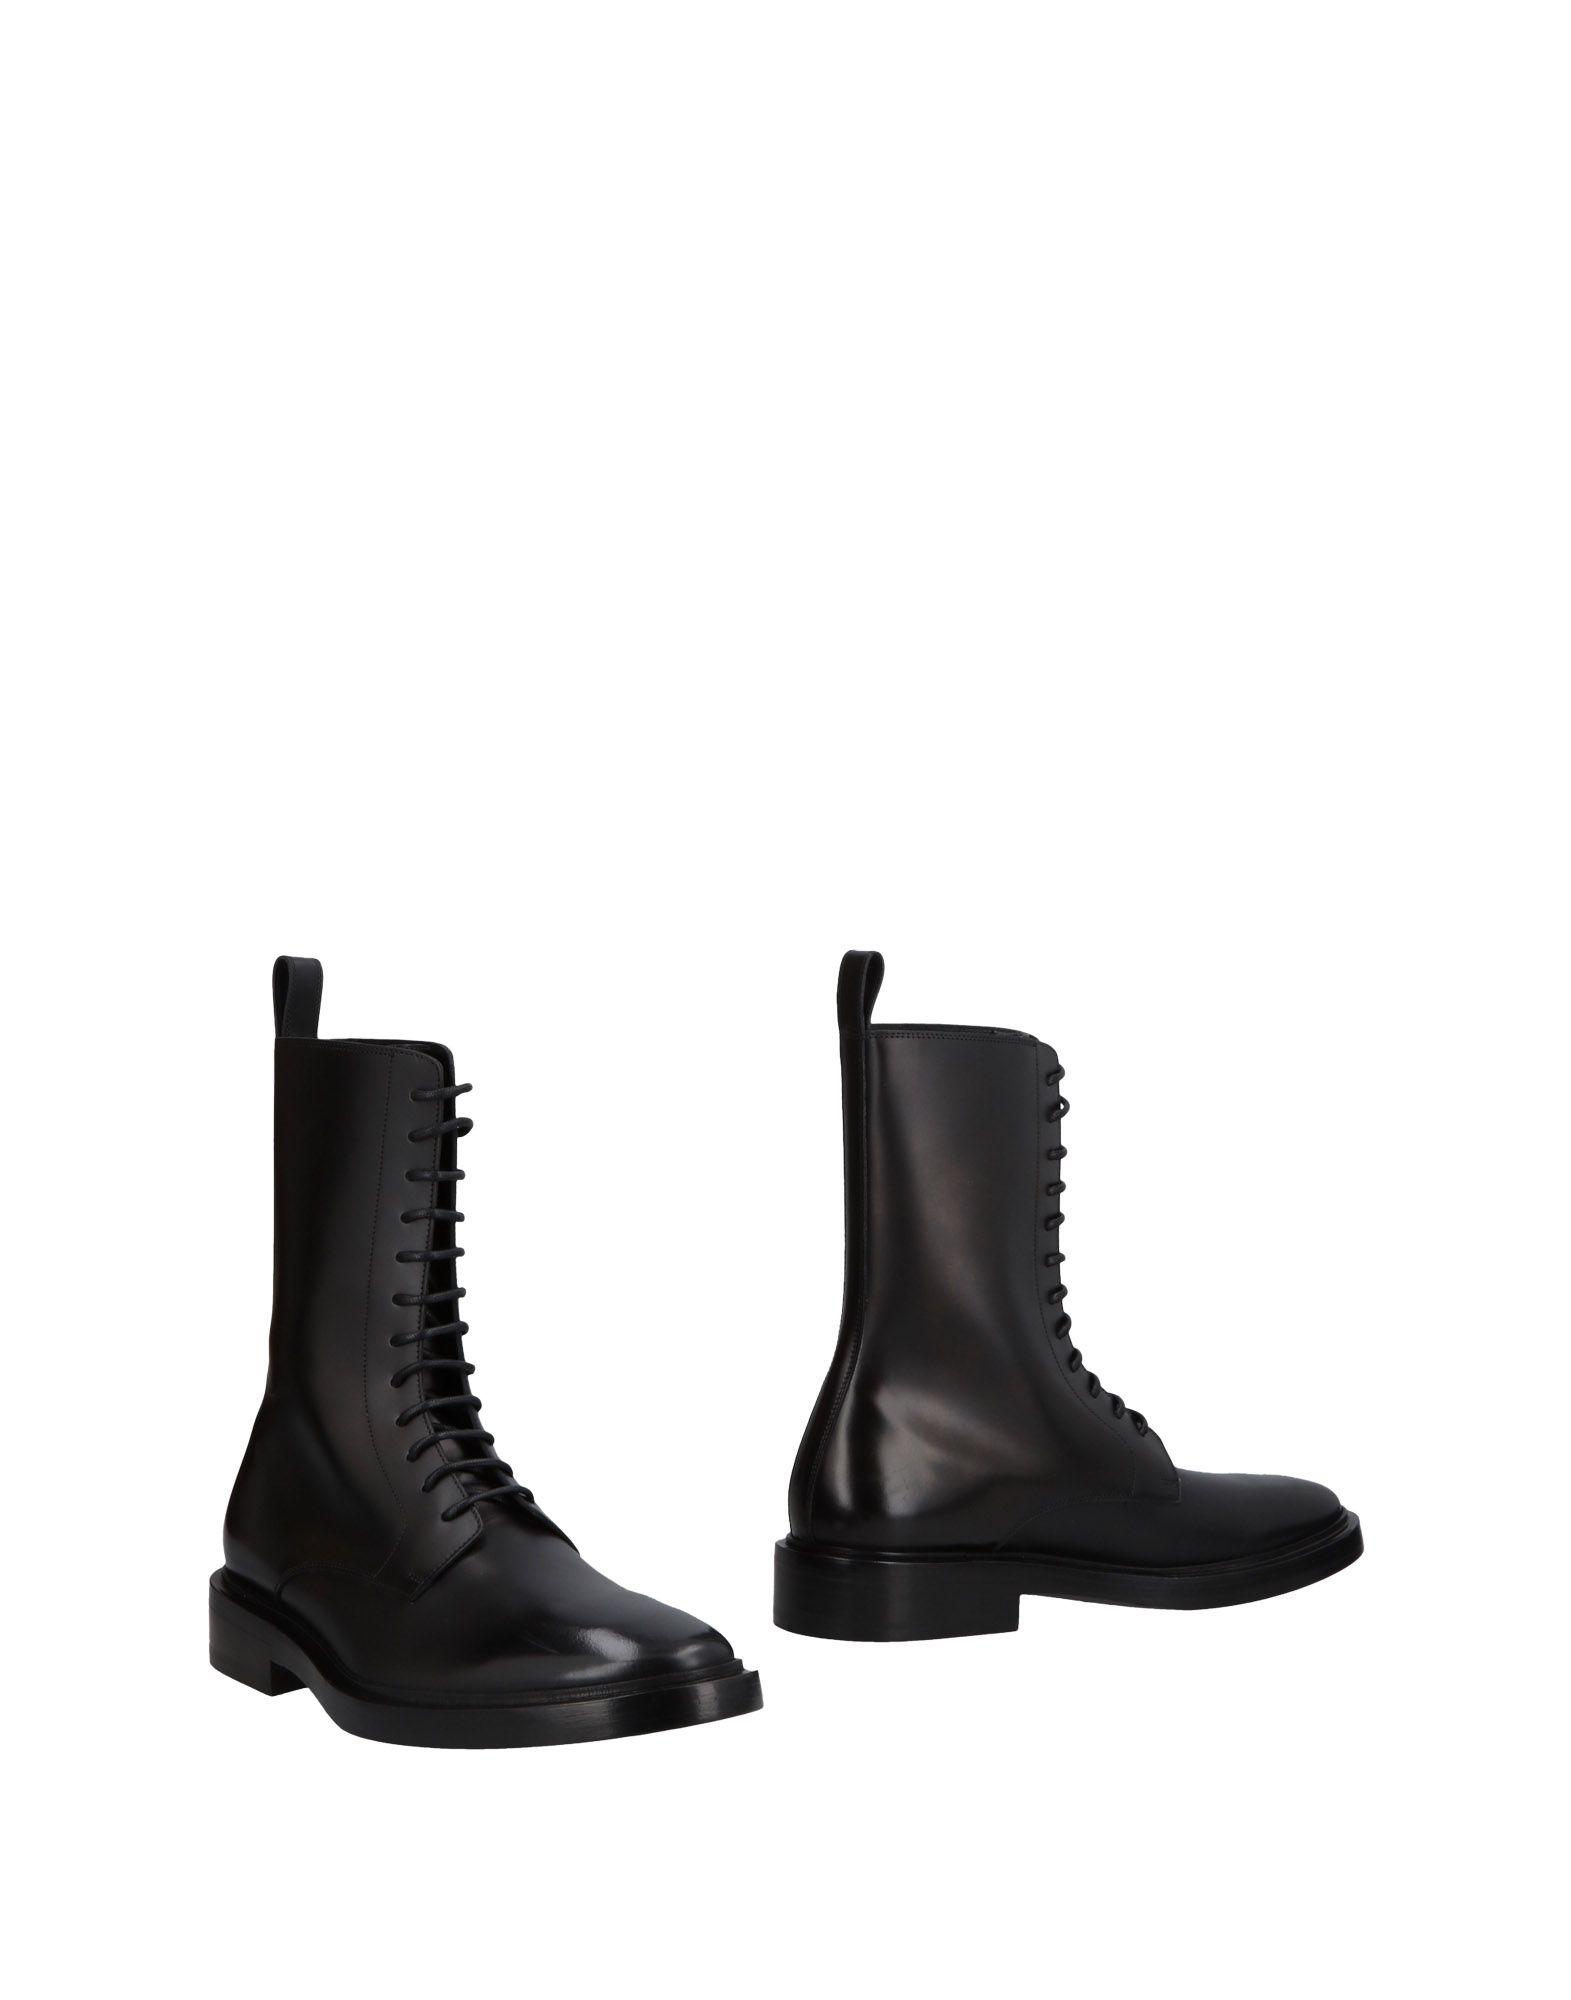 Balenciaga Stiefelette Herren  11489913FM Gute Qualität beliebte Schuhe